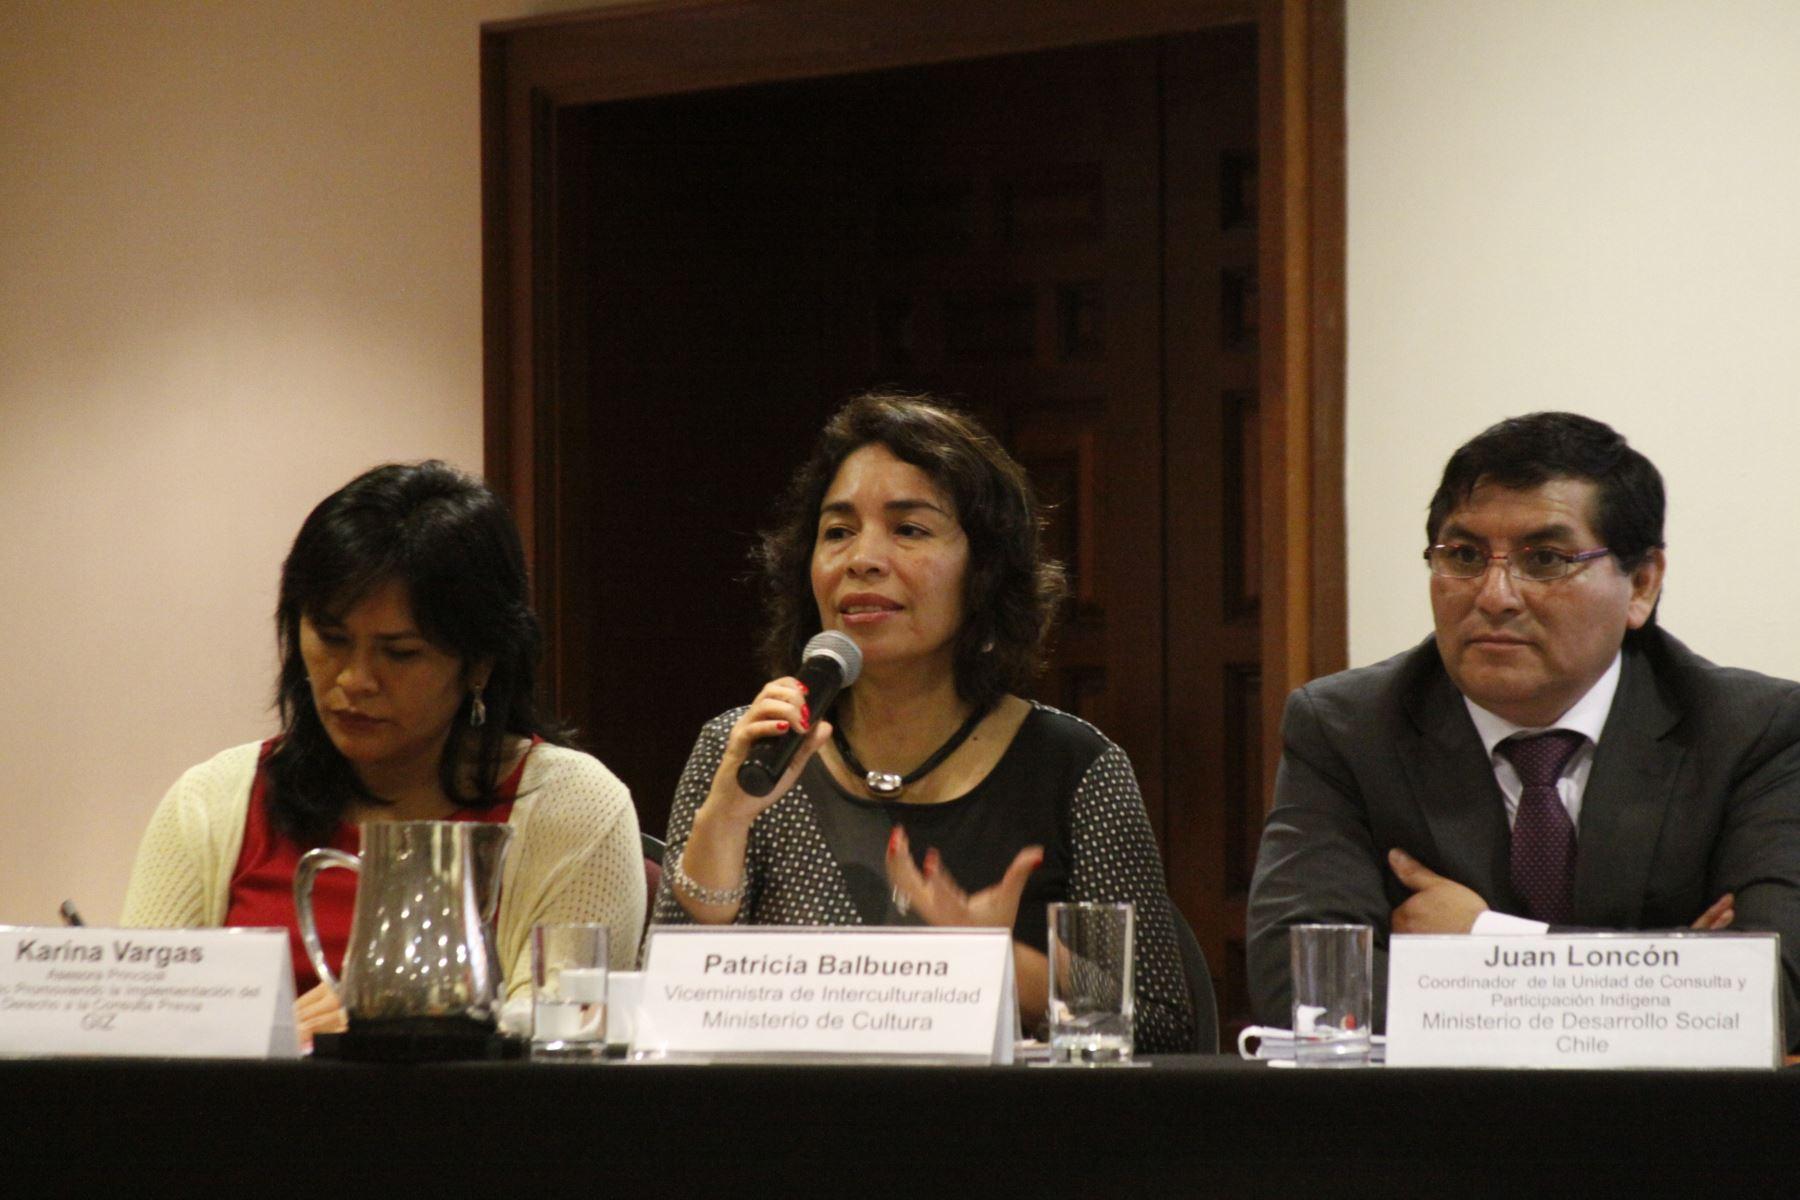 Seminario Internacional 'Consulta Previa en el Perú: Balance de los Procesos, Lecciones Aprendidas y Desafíos Pendientes'. Difusión